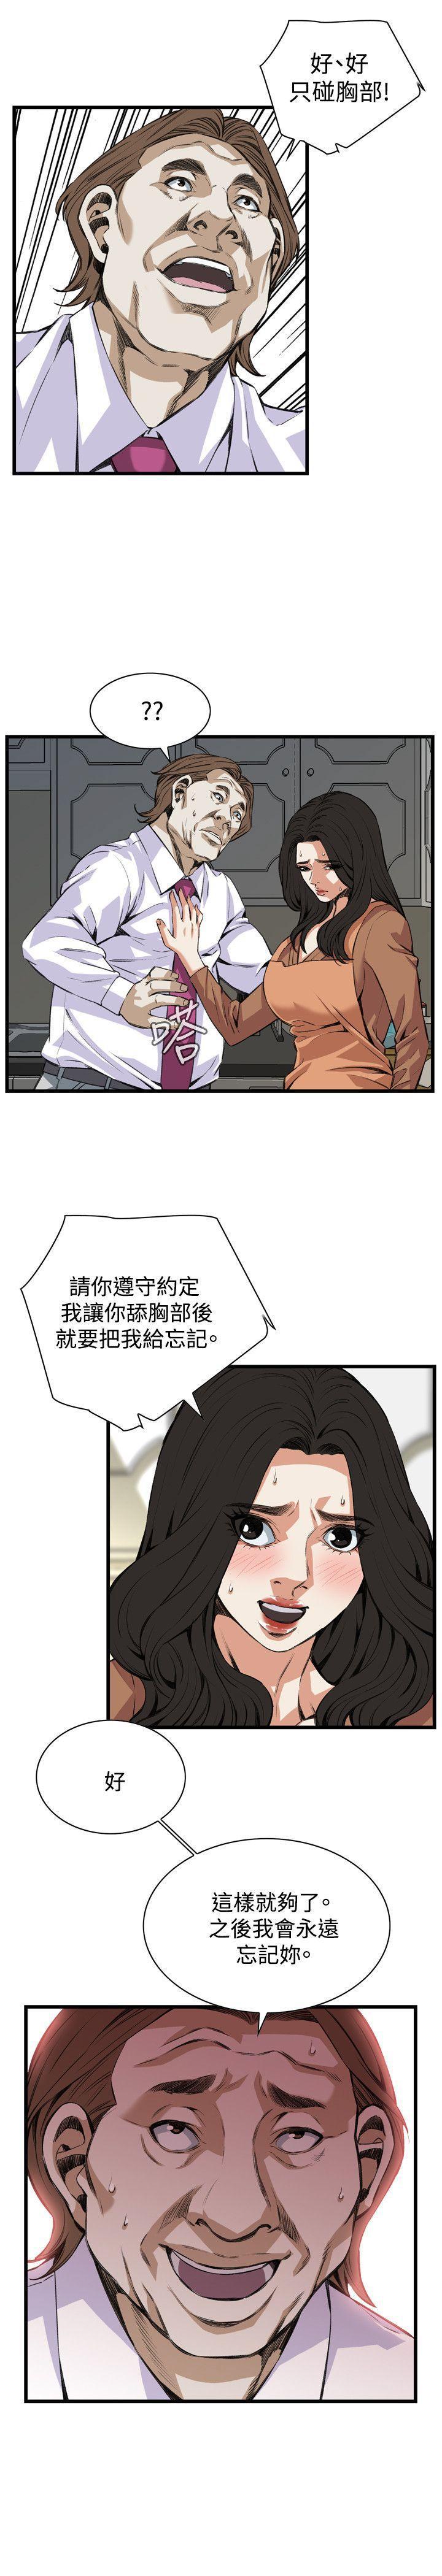 偷窥72-93 Chinese Rsiky 228